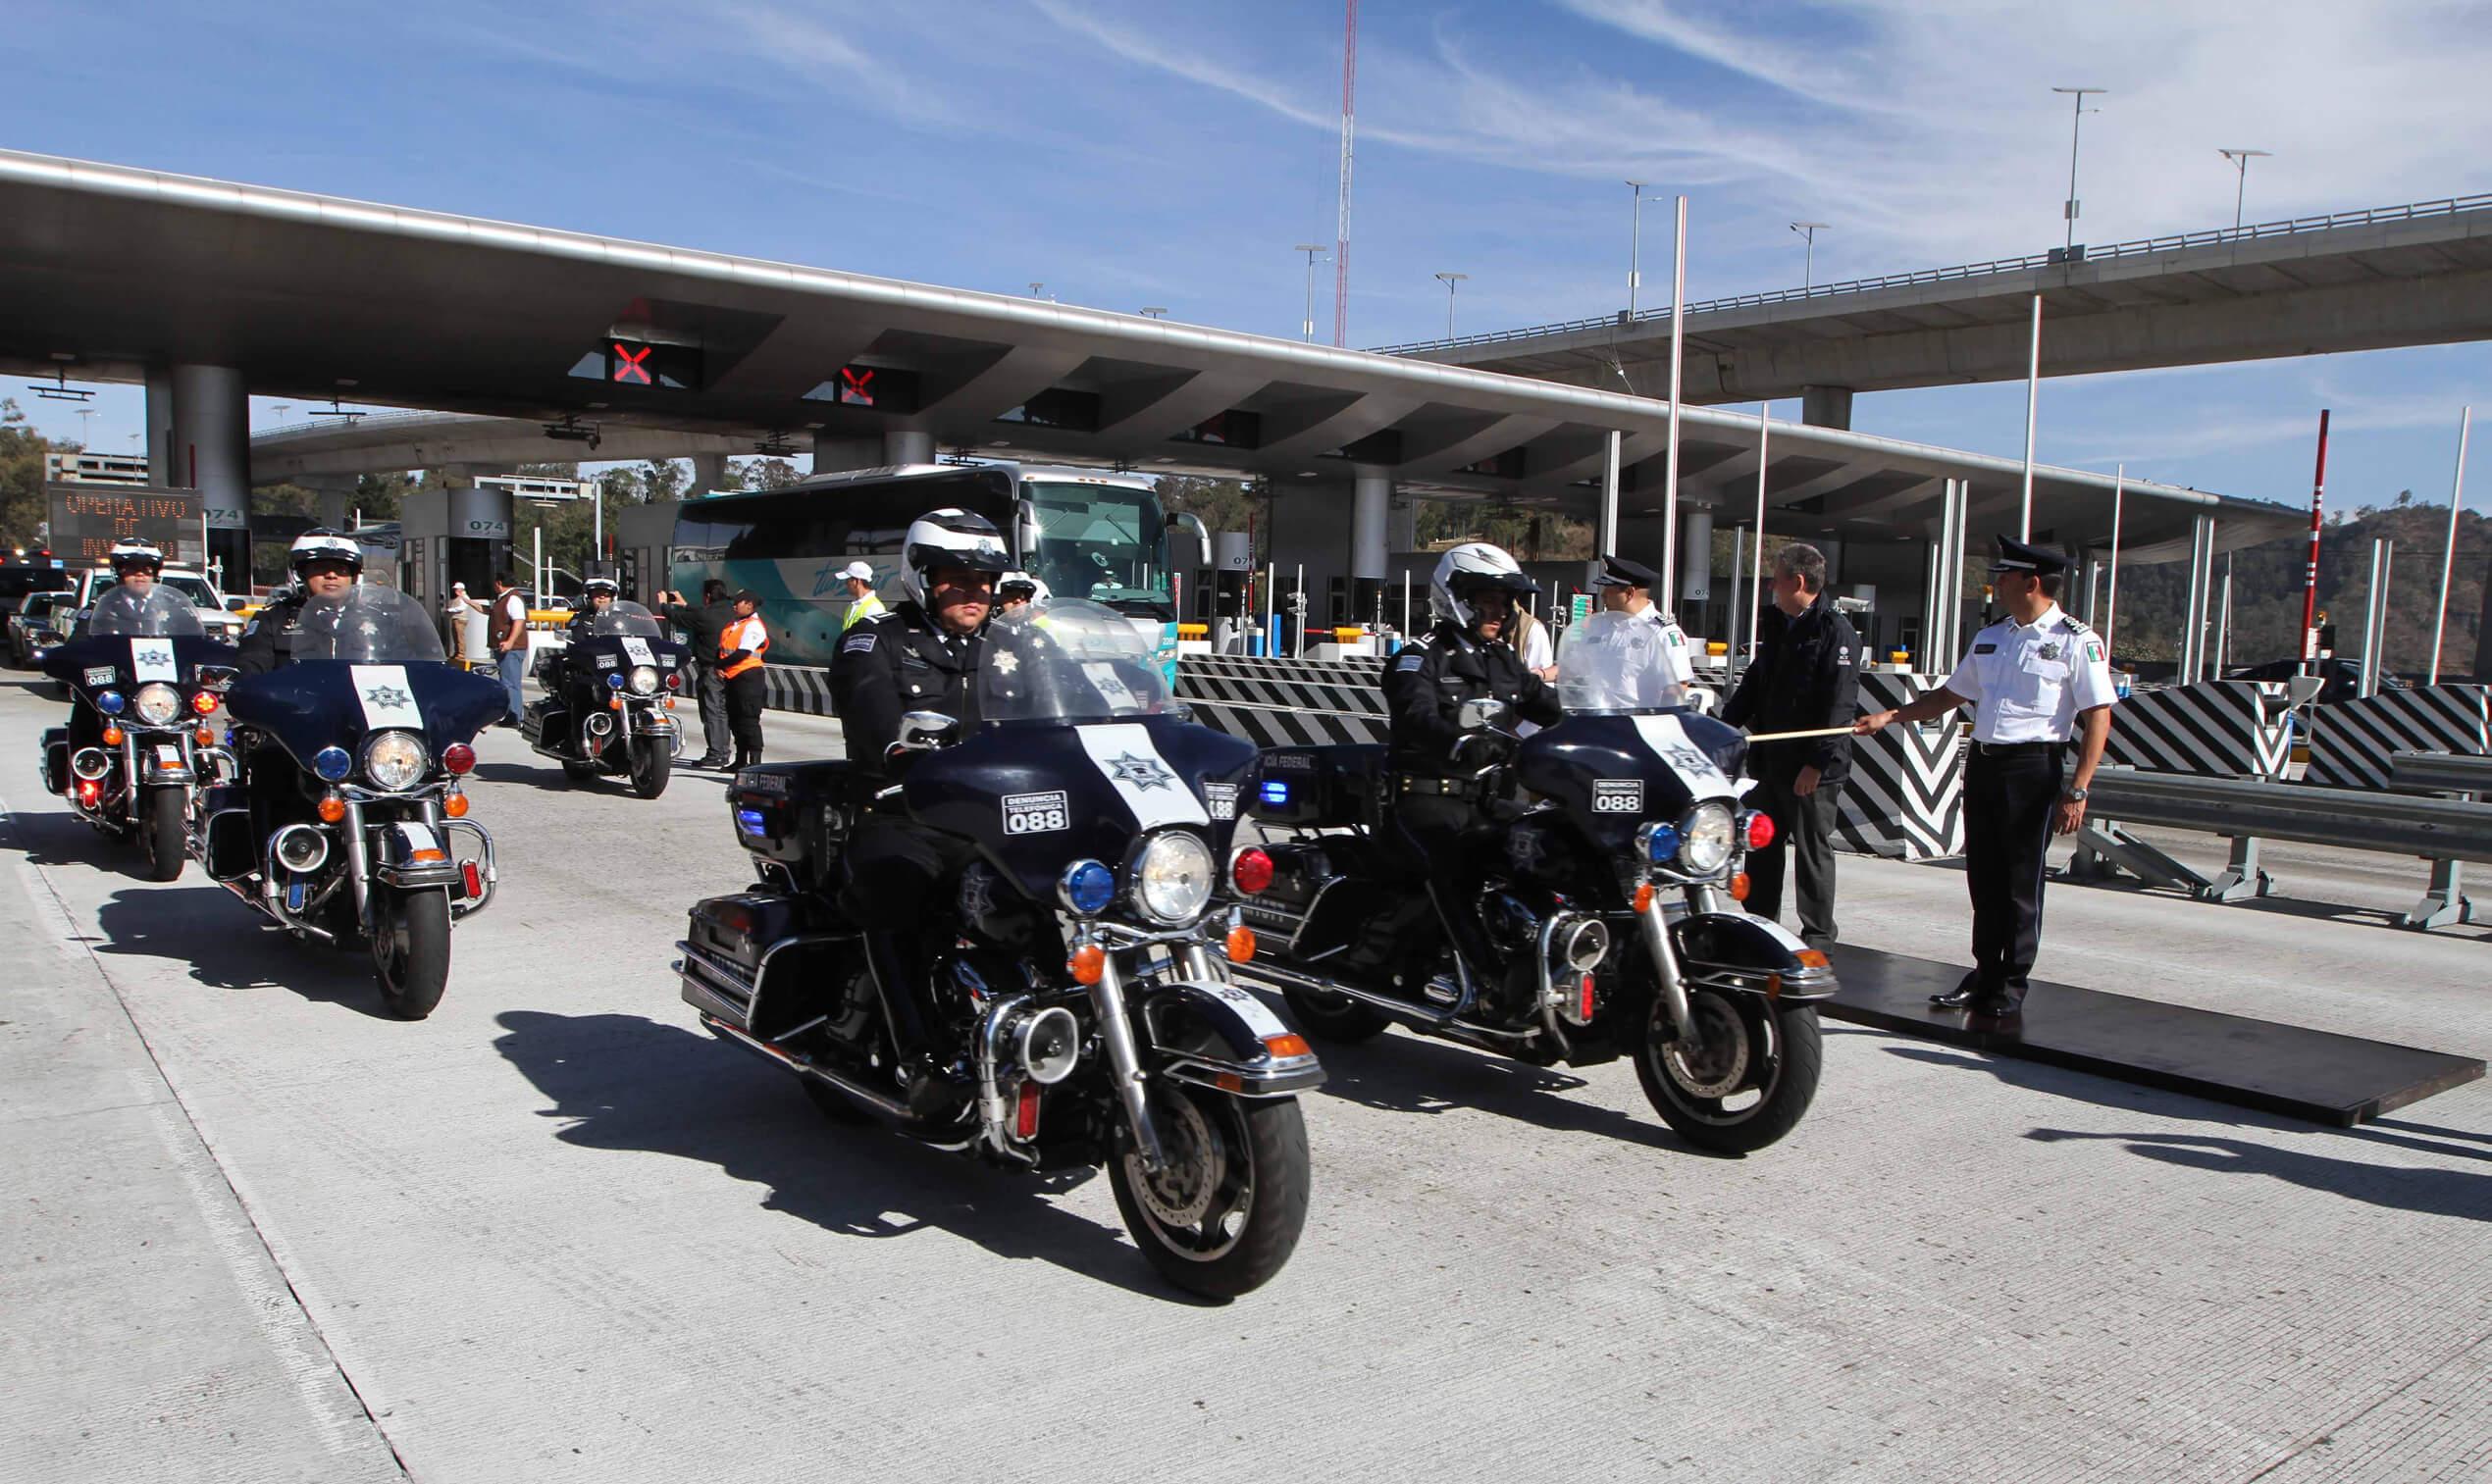 Inicia operativo carretero por vacaciones de invierno en México